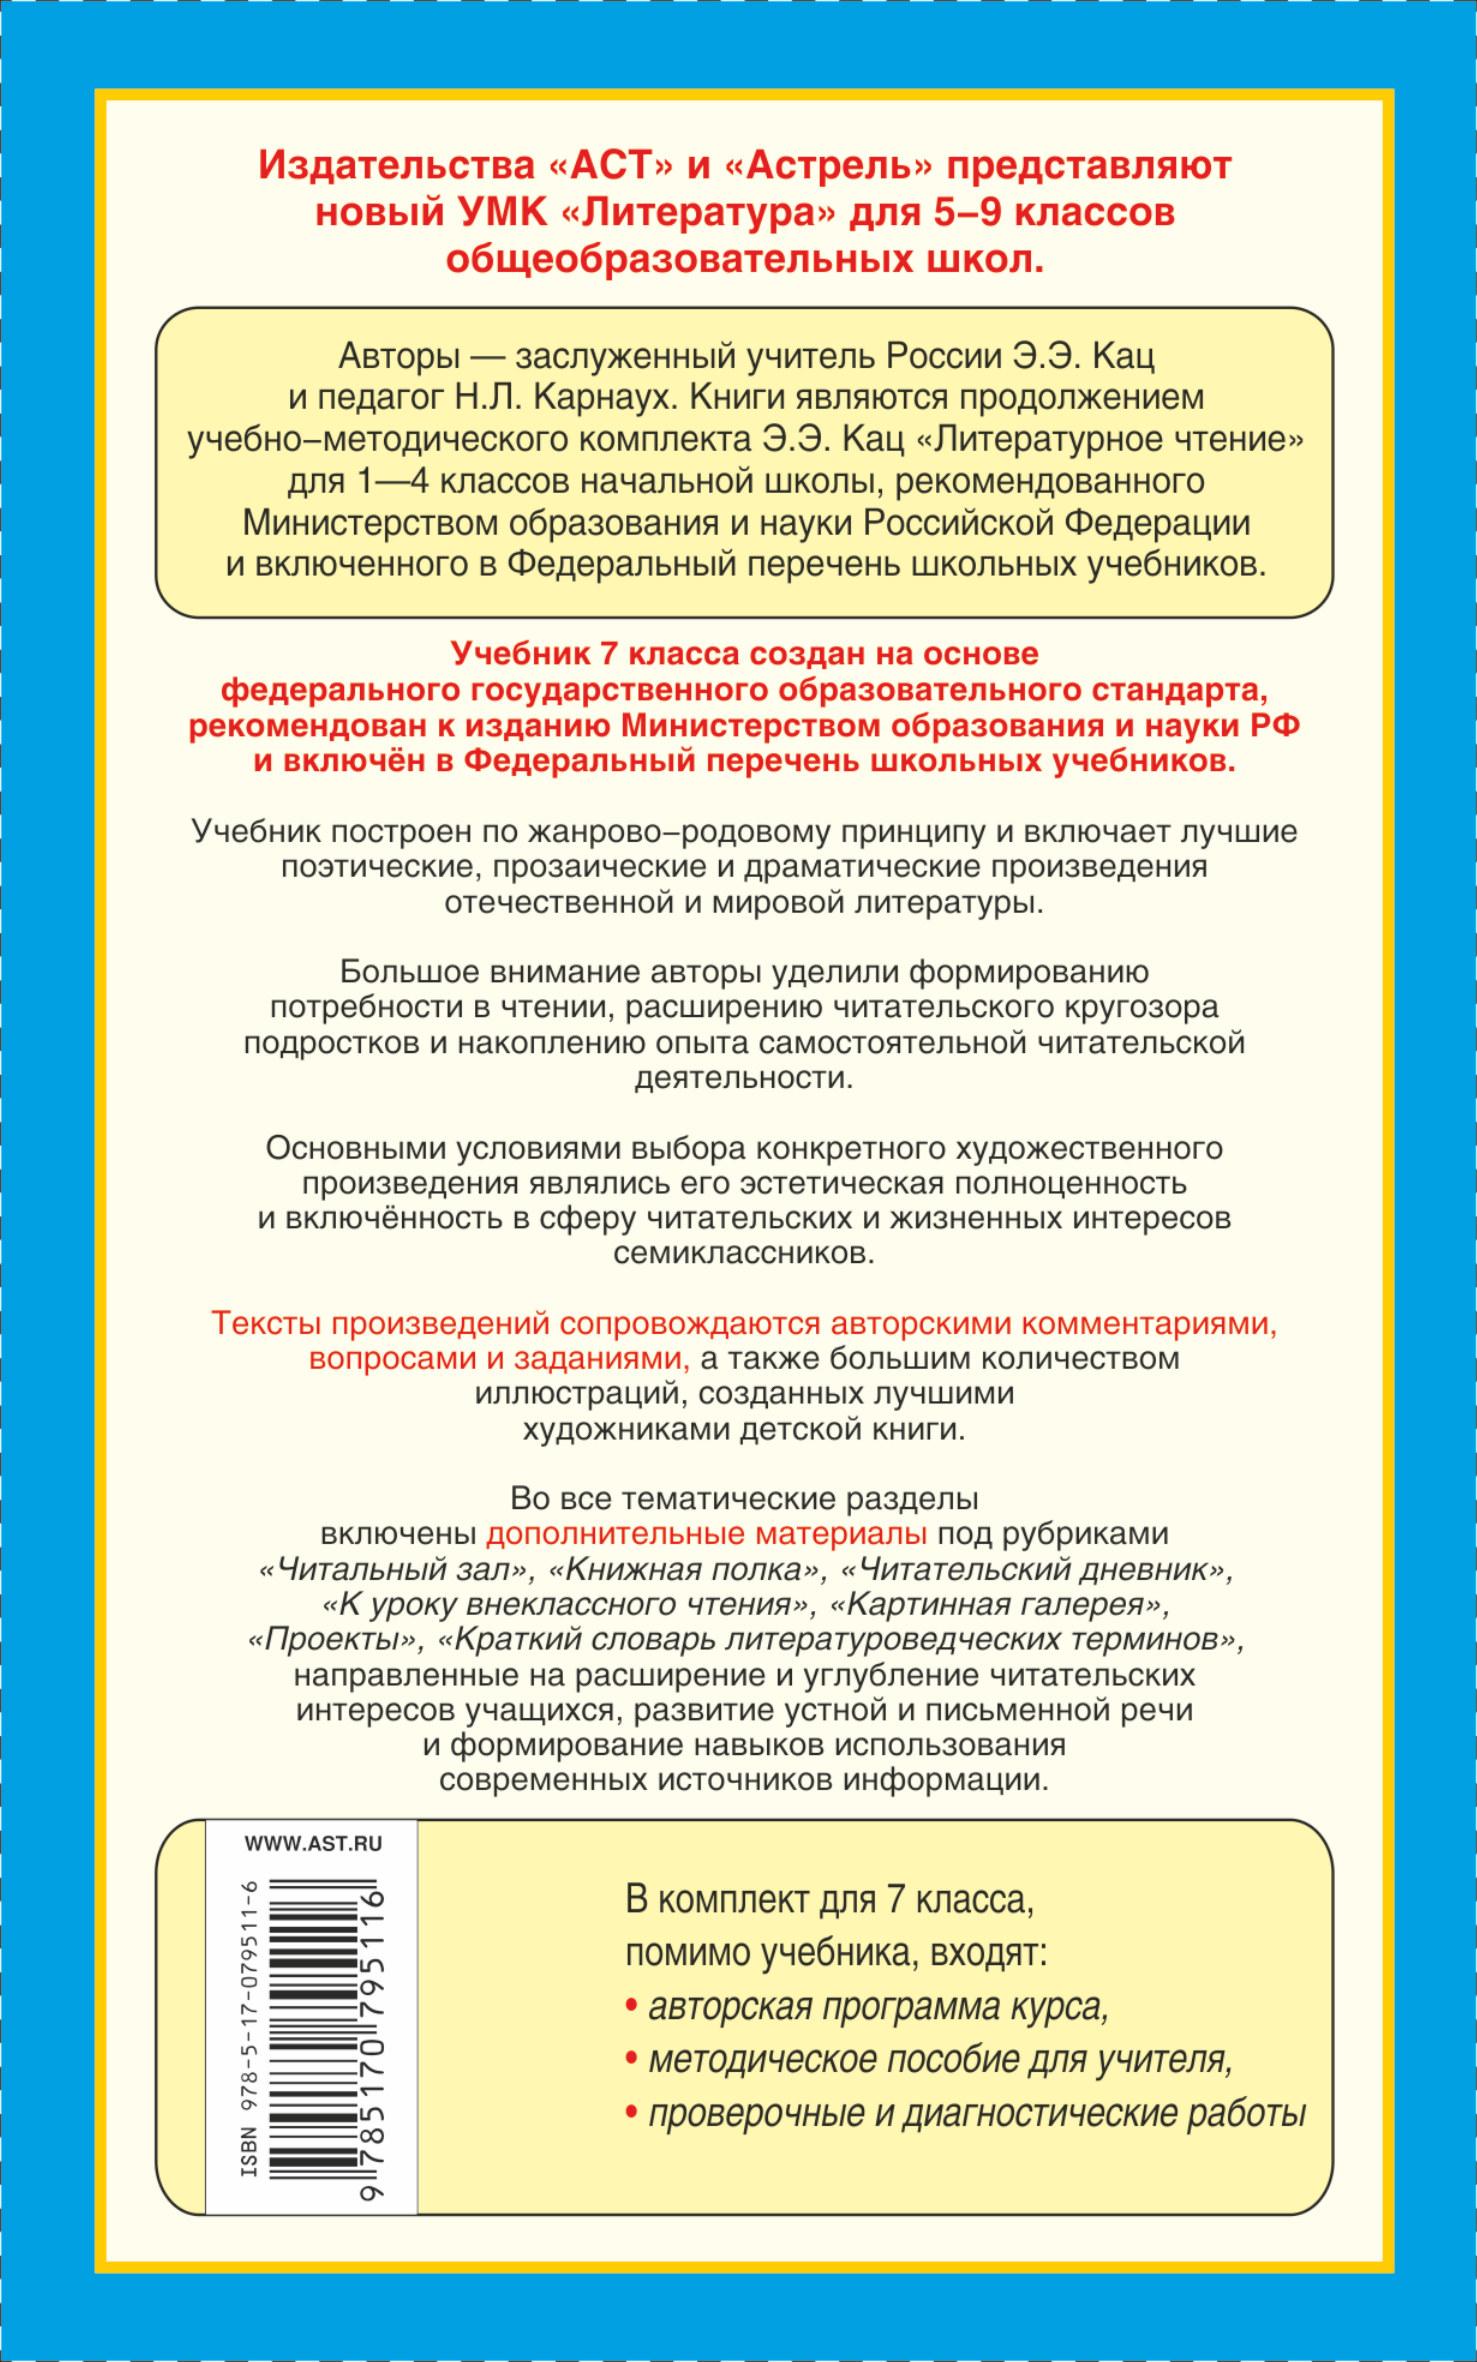 """Литература. Обучение в 7 классе. Программа. Методические рекомендации. Тематическое планирование по учебнику Э. Э. Кац, Н. Л. Карнаух """"Литература. 7 класс"""""""